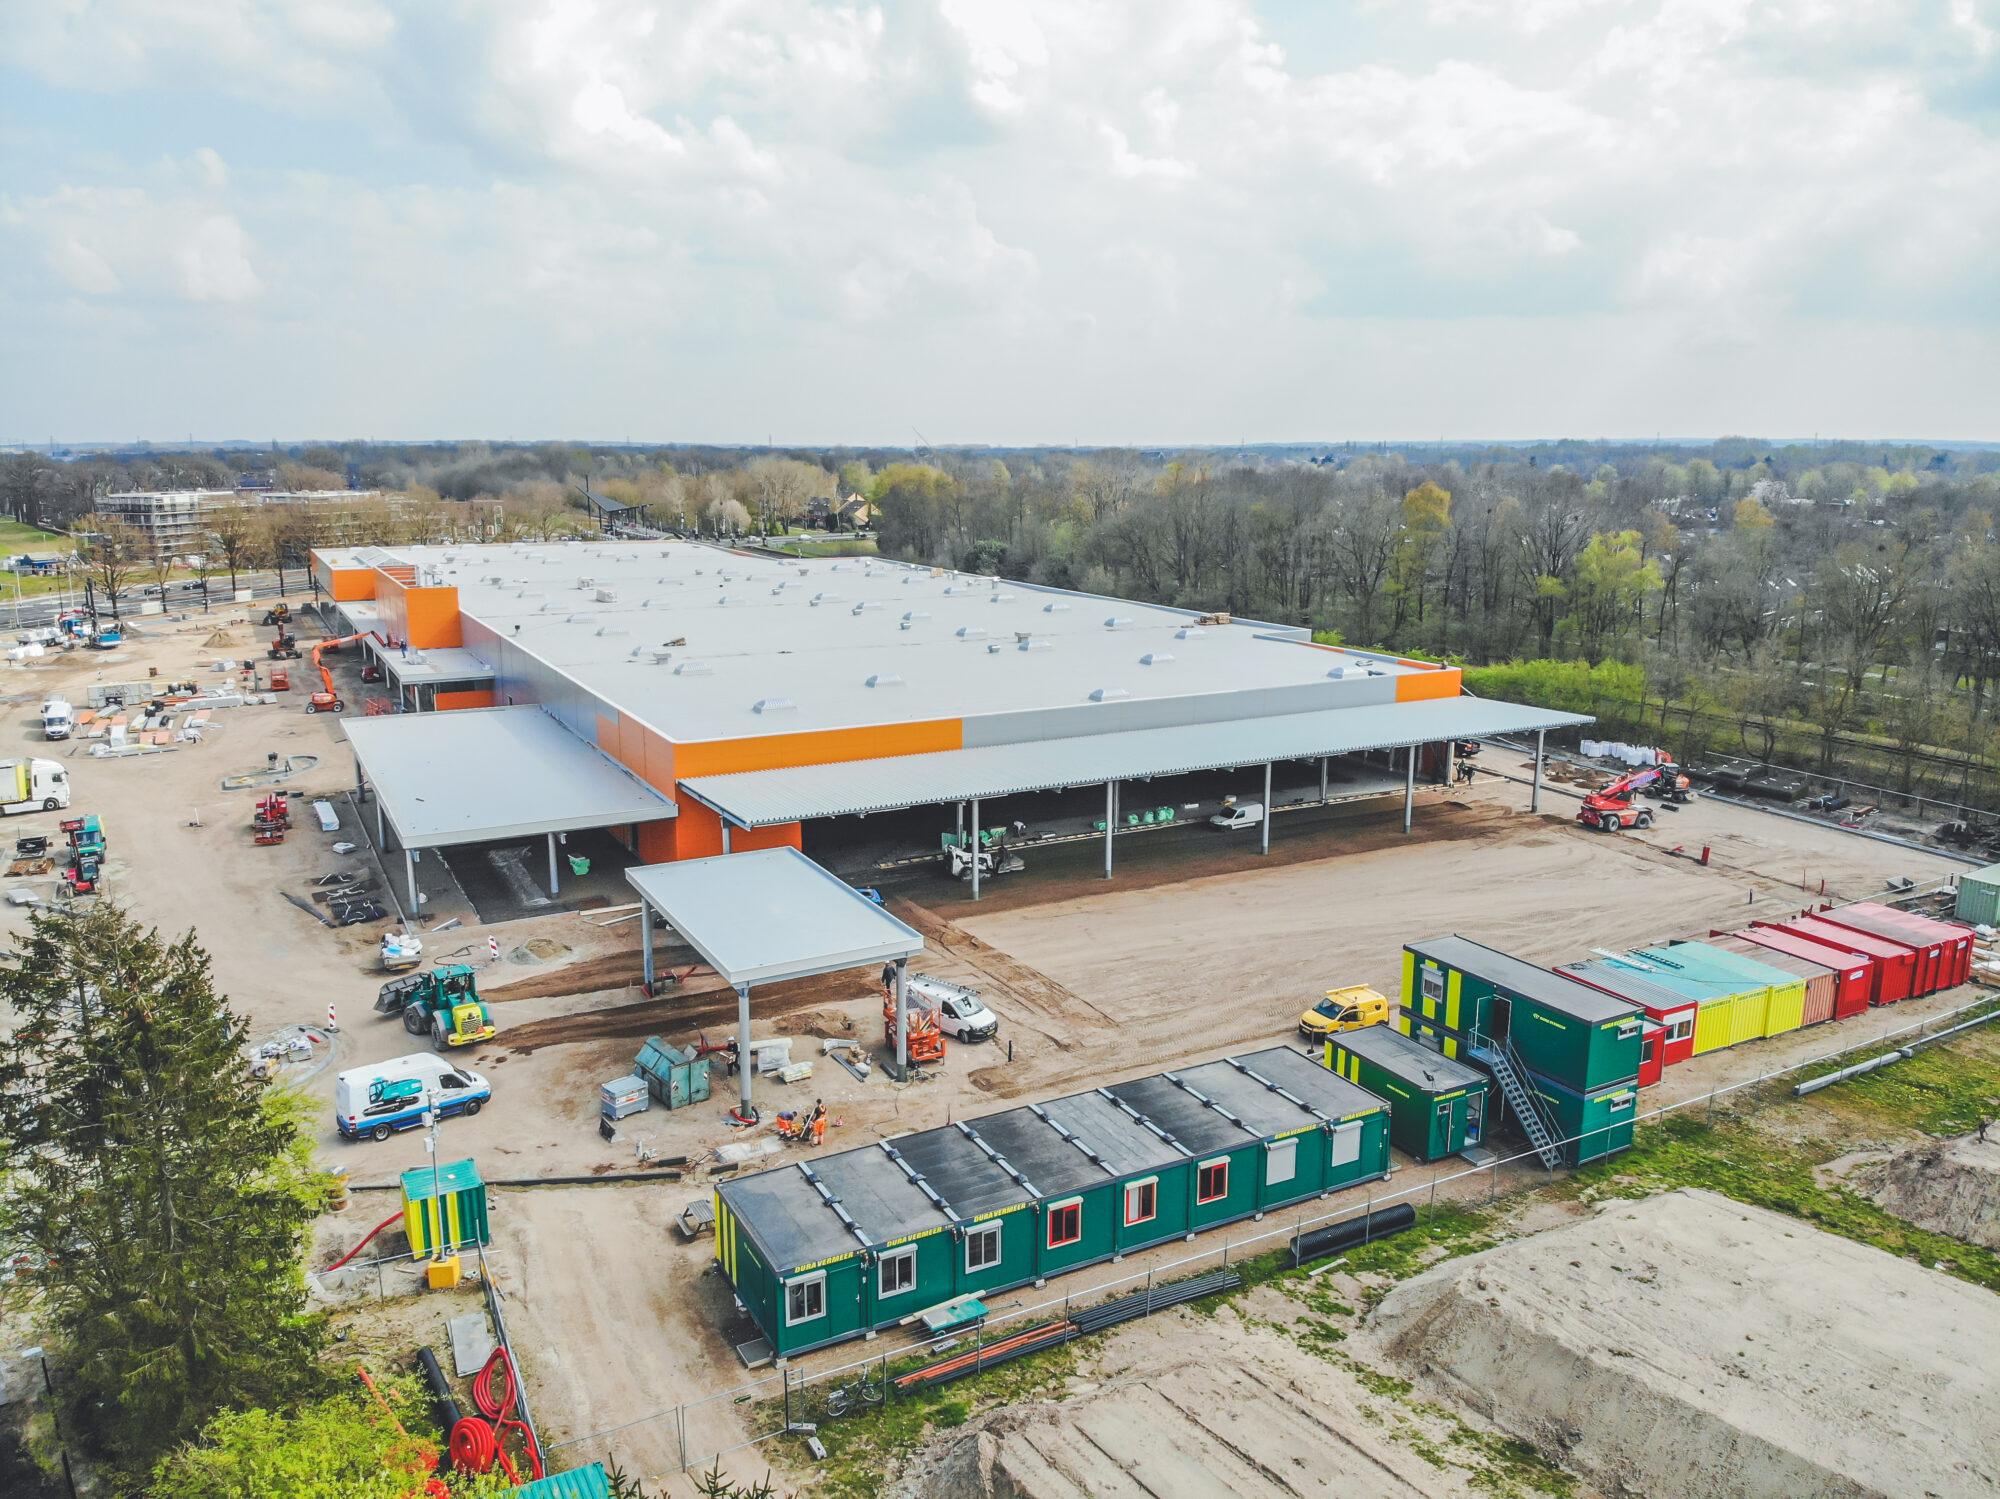 HORNBACH Apeldoorn bereikt hoogste punt: bouw op schema voor opening najaar 2021